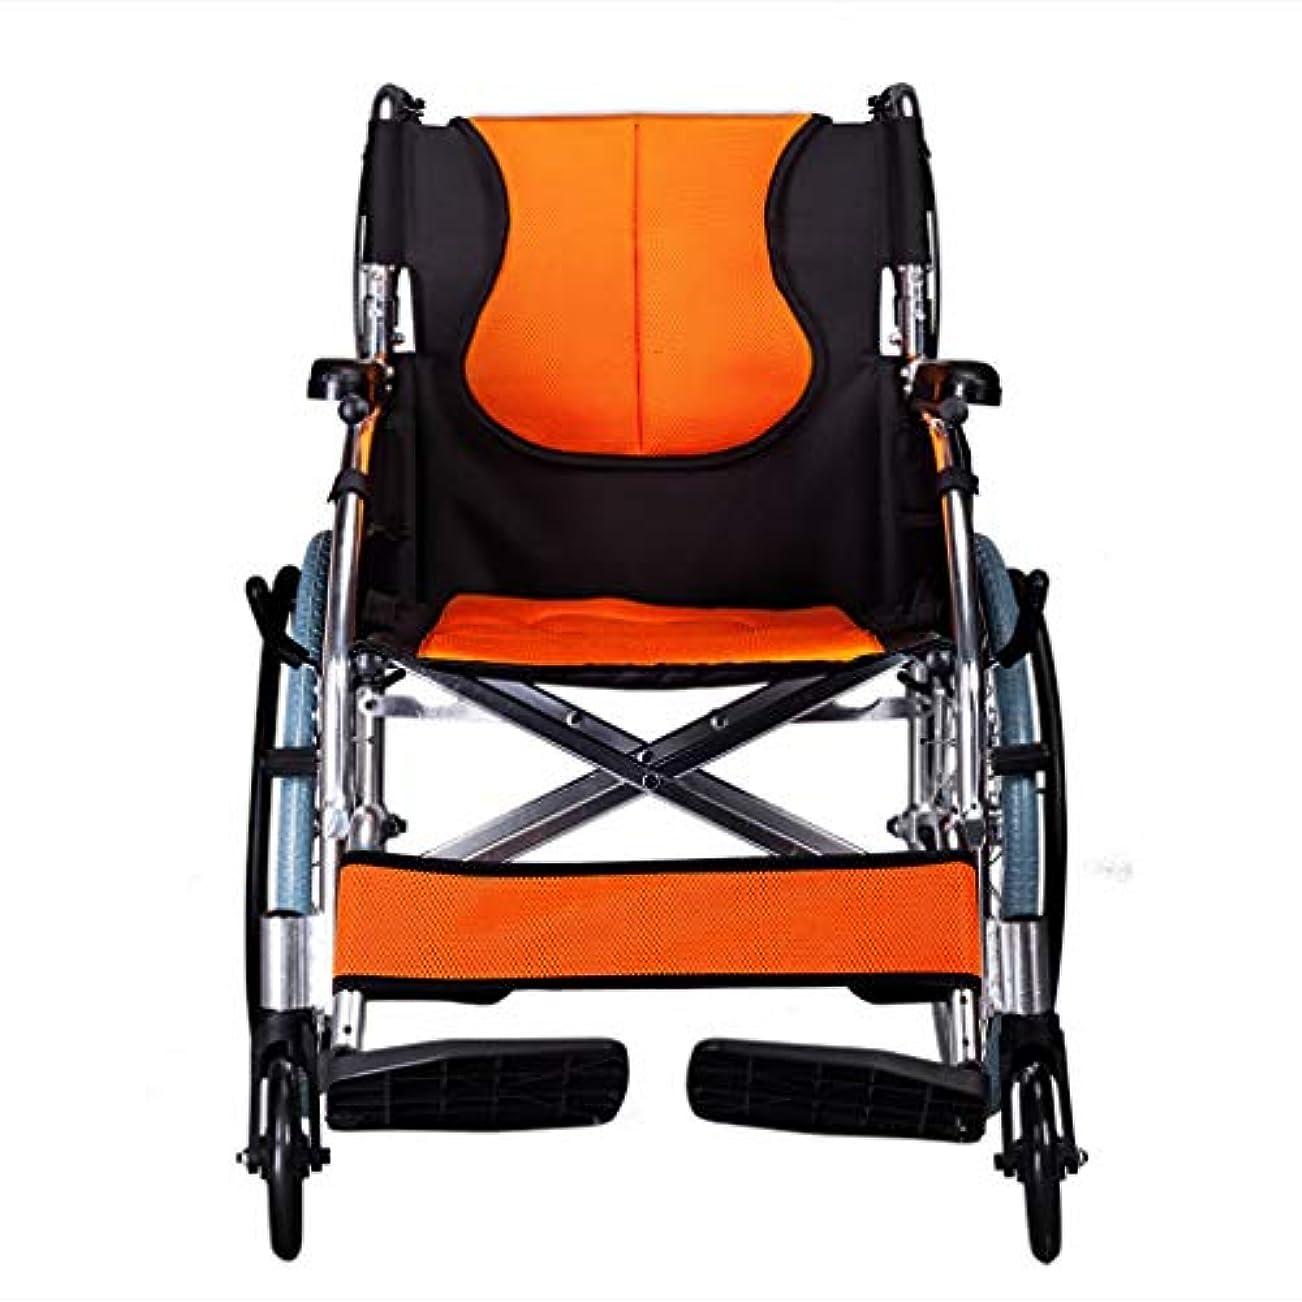 今晩顧問眉車椅子で折り畳むことができる車椅子、バック収納バッグのデザイン、屋外旅行多機能ハンドプッシュ折りたたみ車椅子